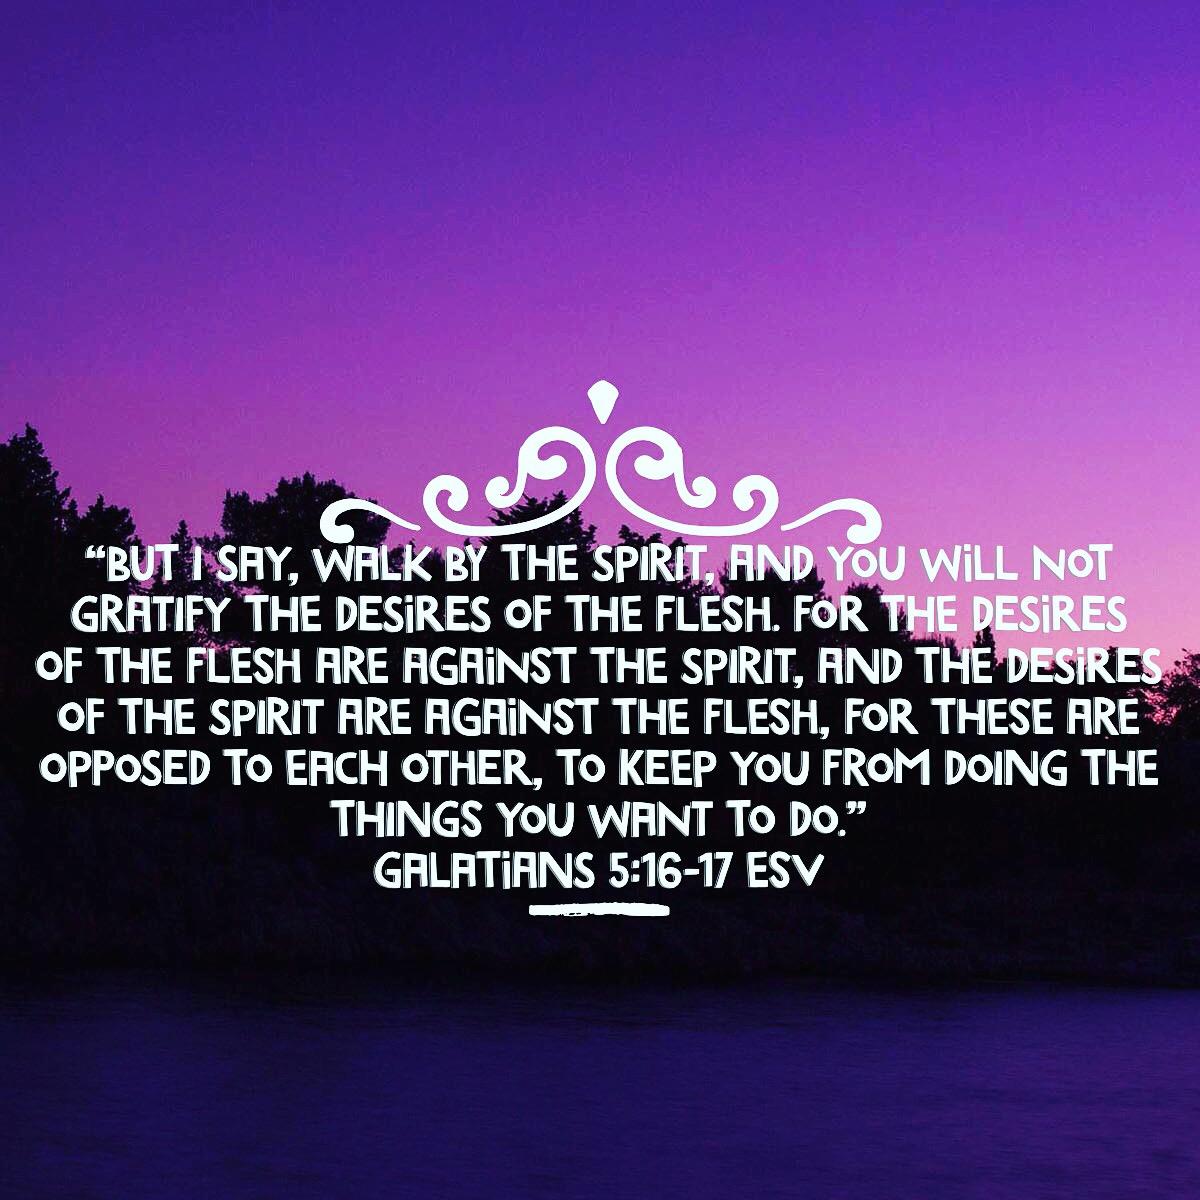 Galatians 5:16-17